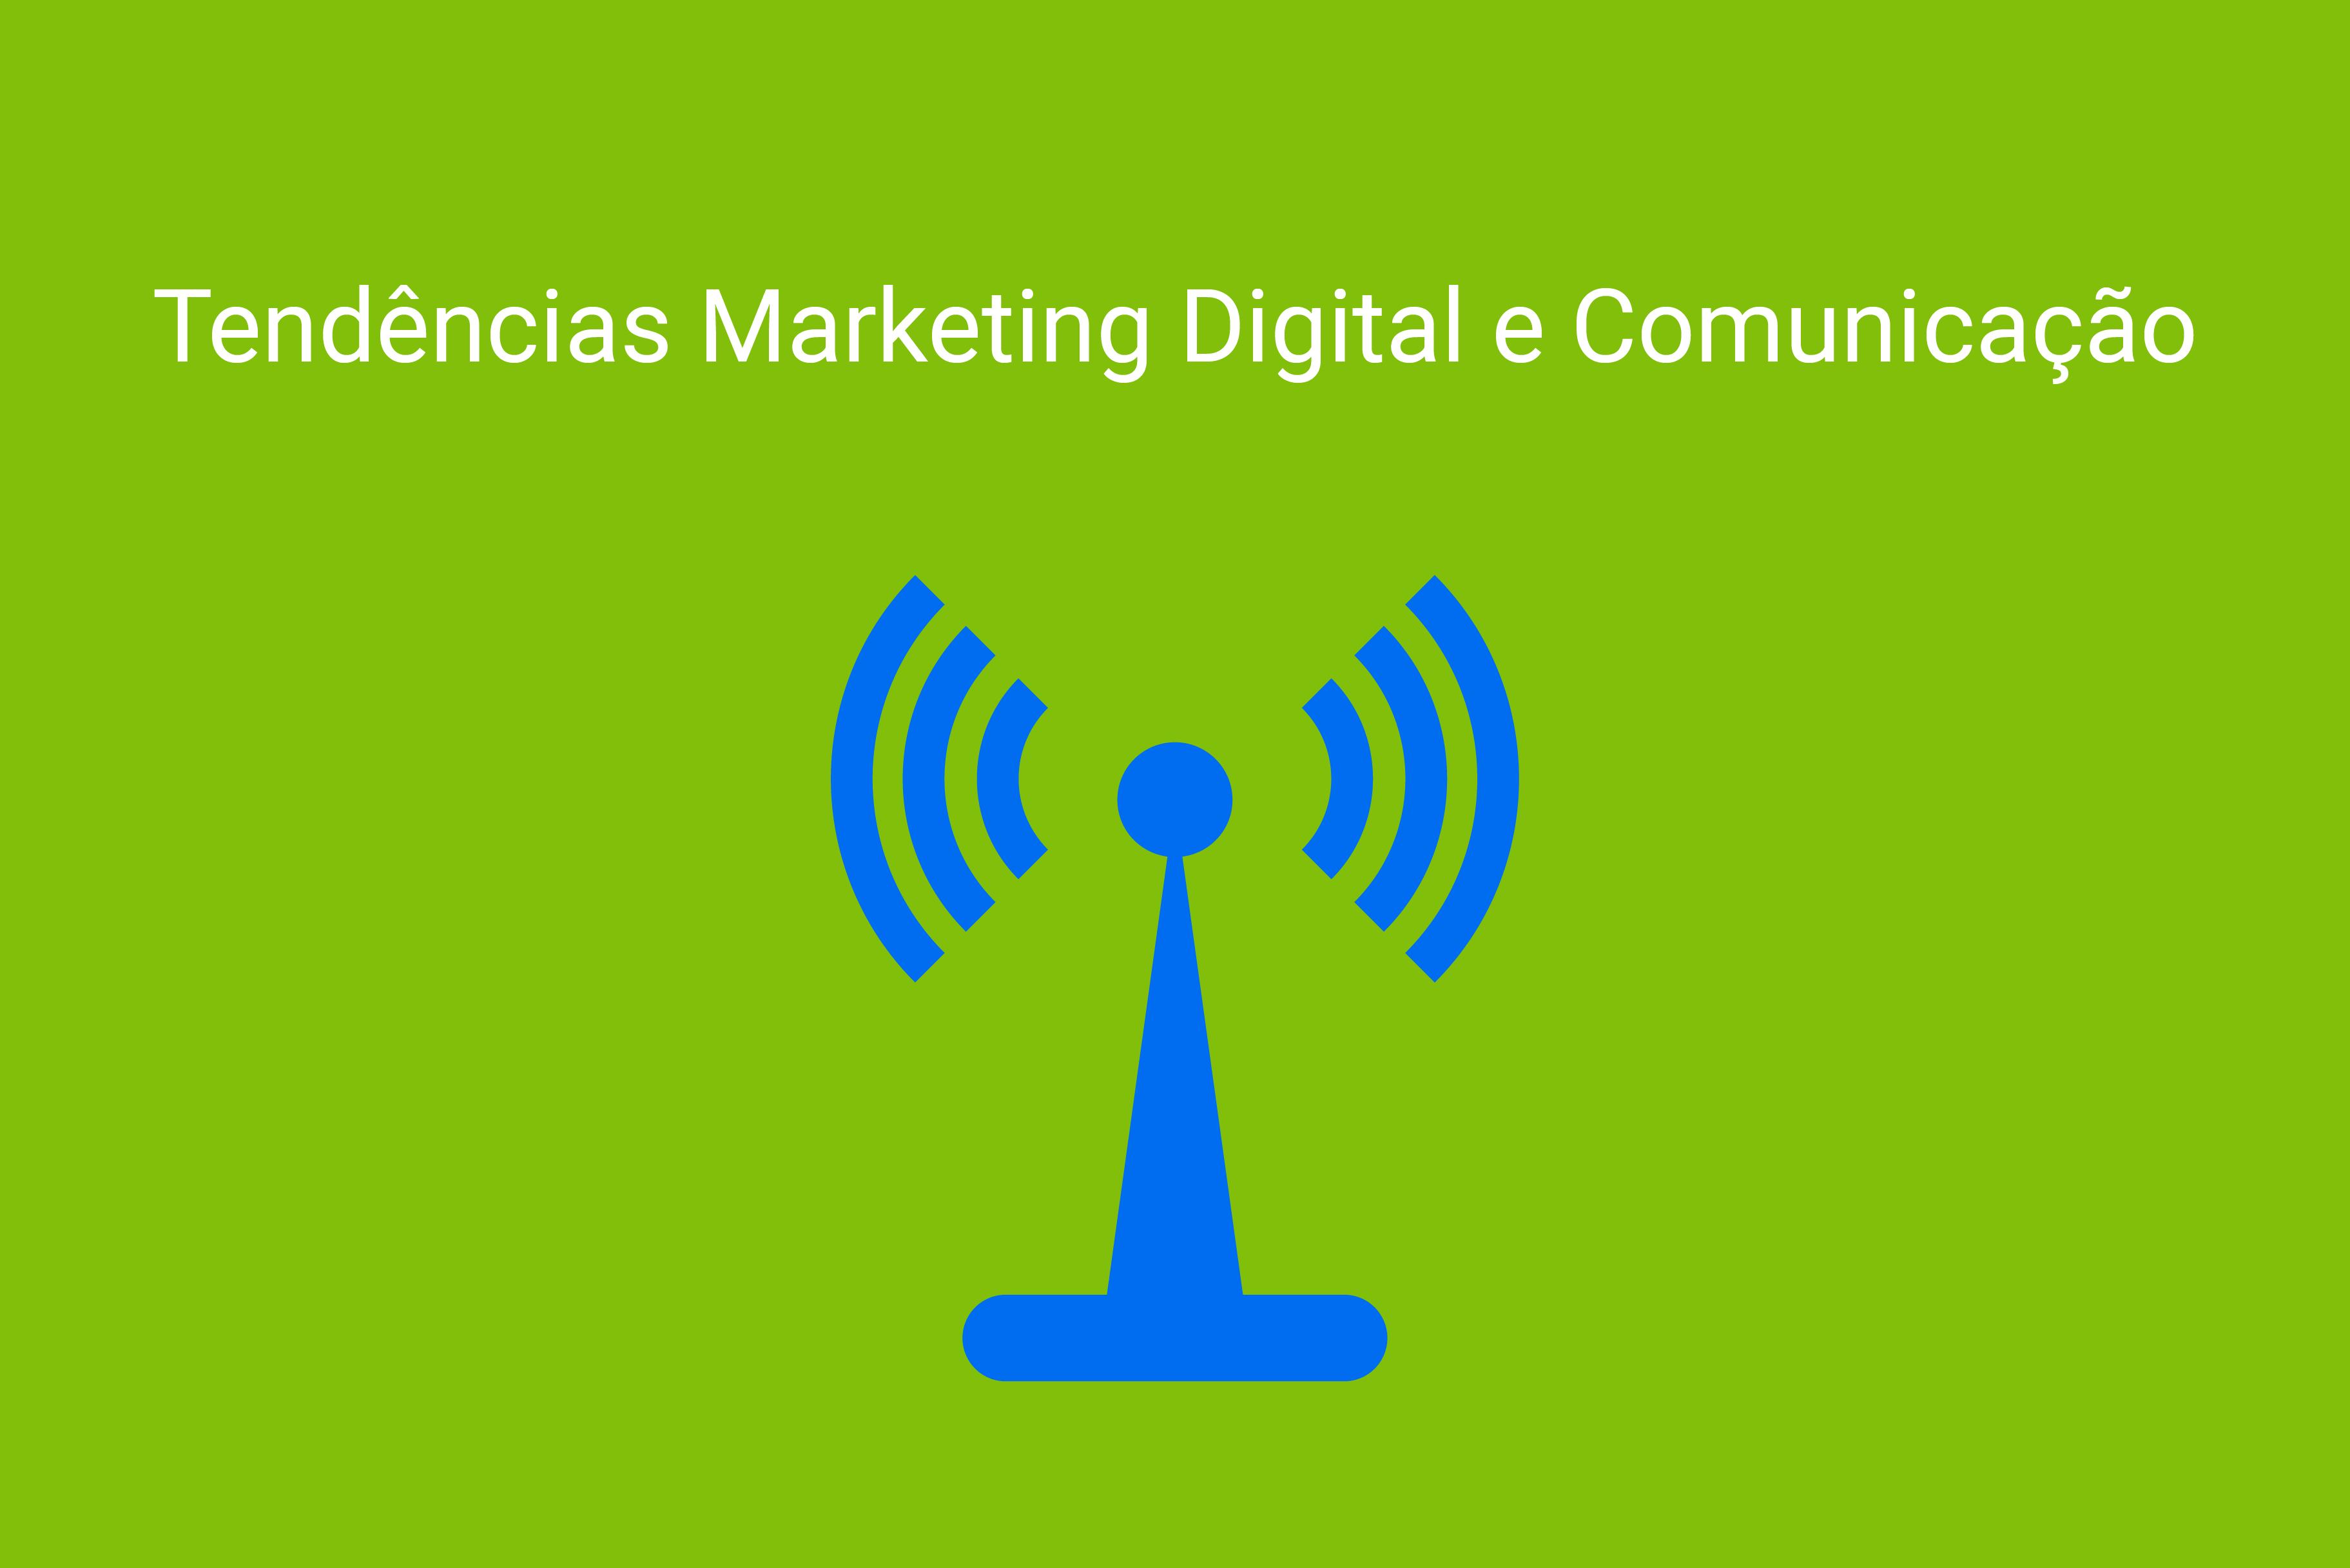 Tendências e previsões para o marketing digital e comunicação em 2019